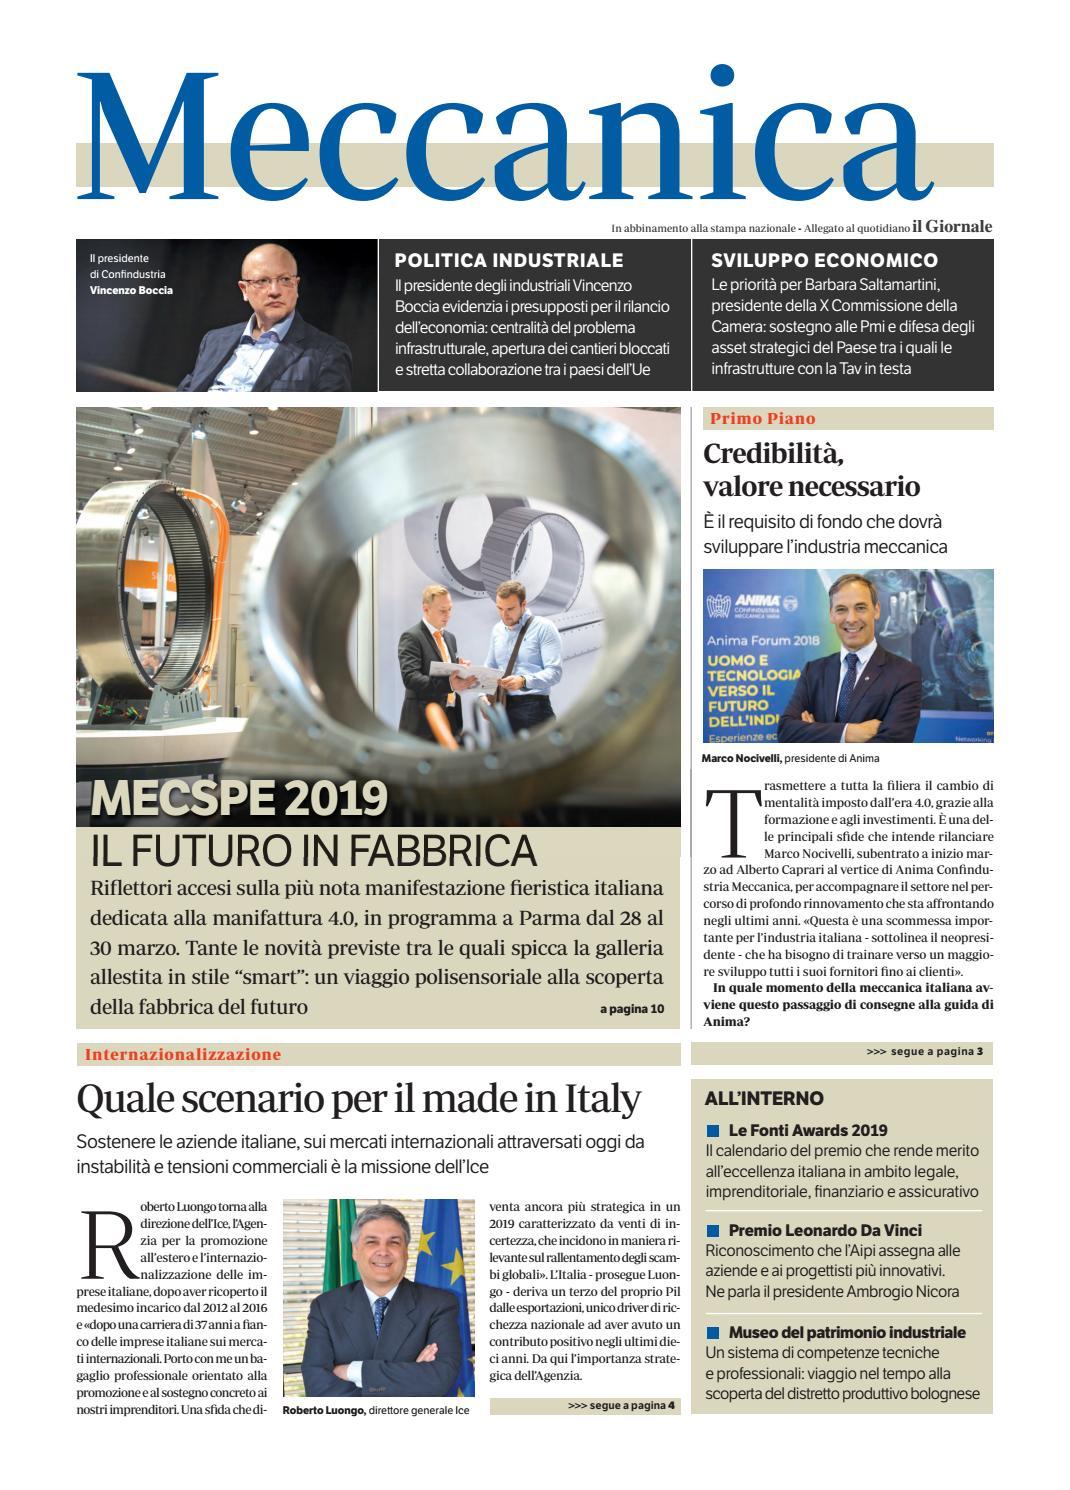 Simona Quaranta Calendario.Meccanica Marzo 2019 Ediz1 By Golfarelli Editore